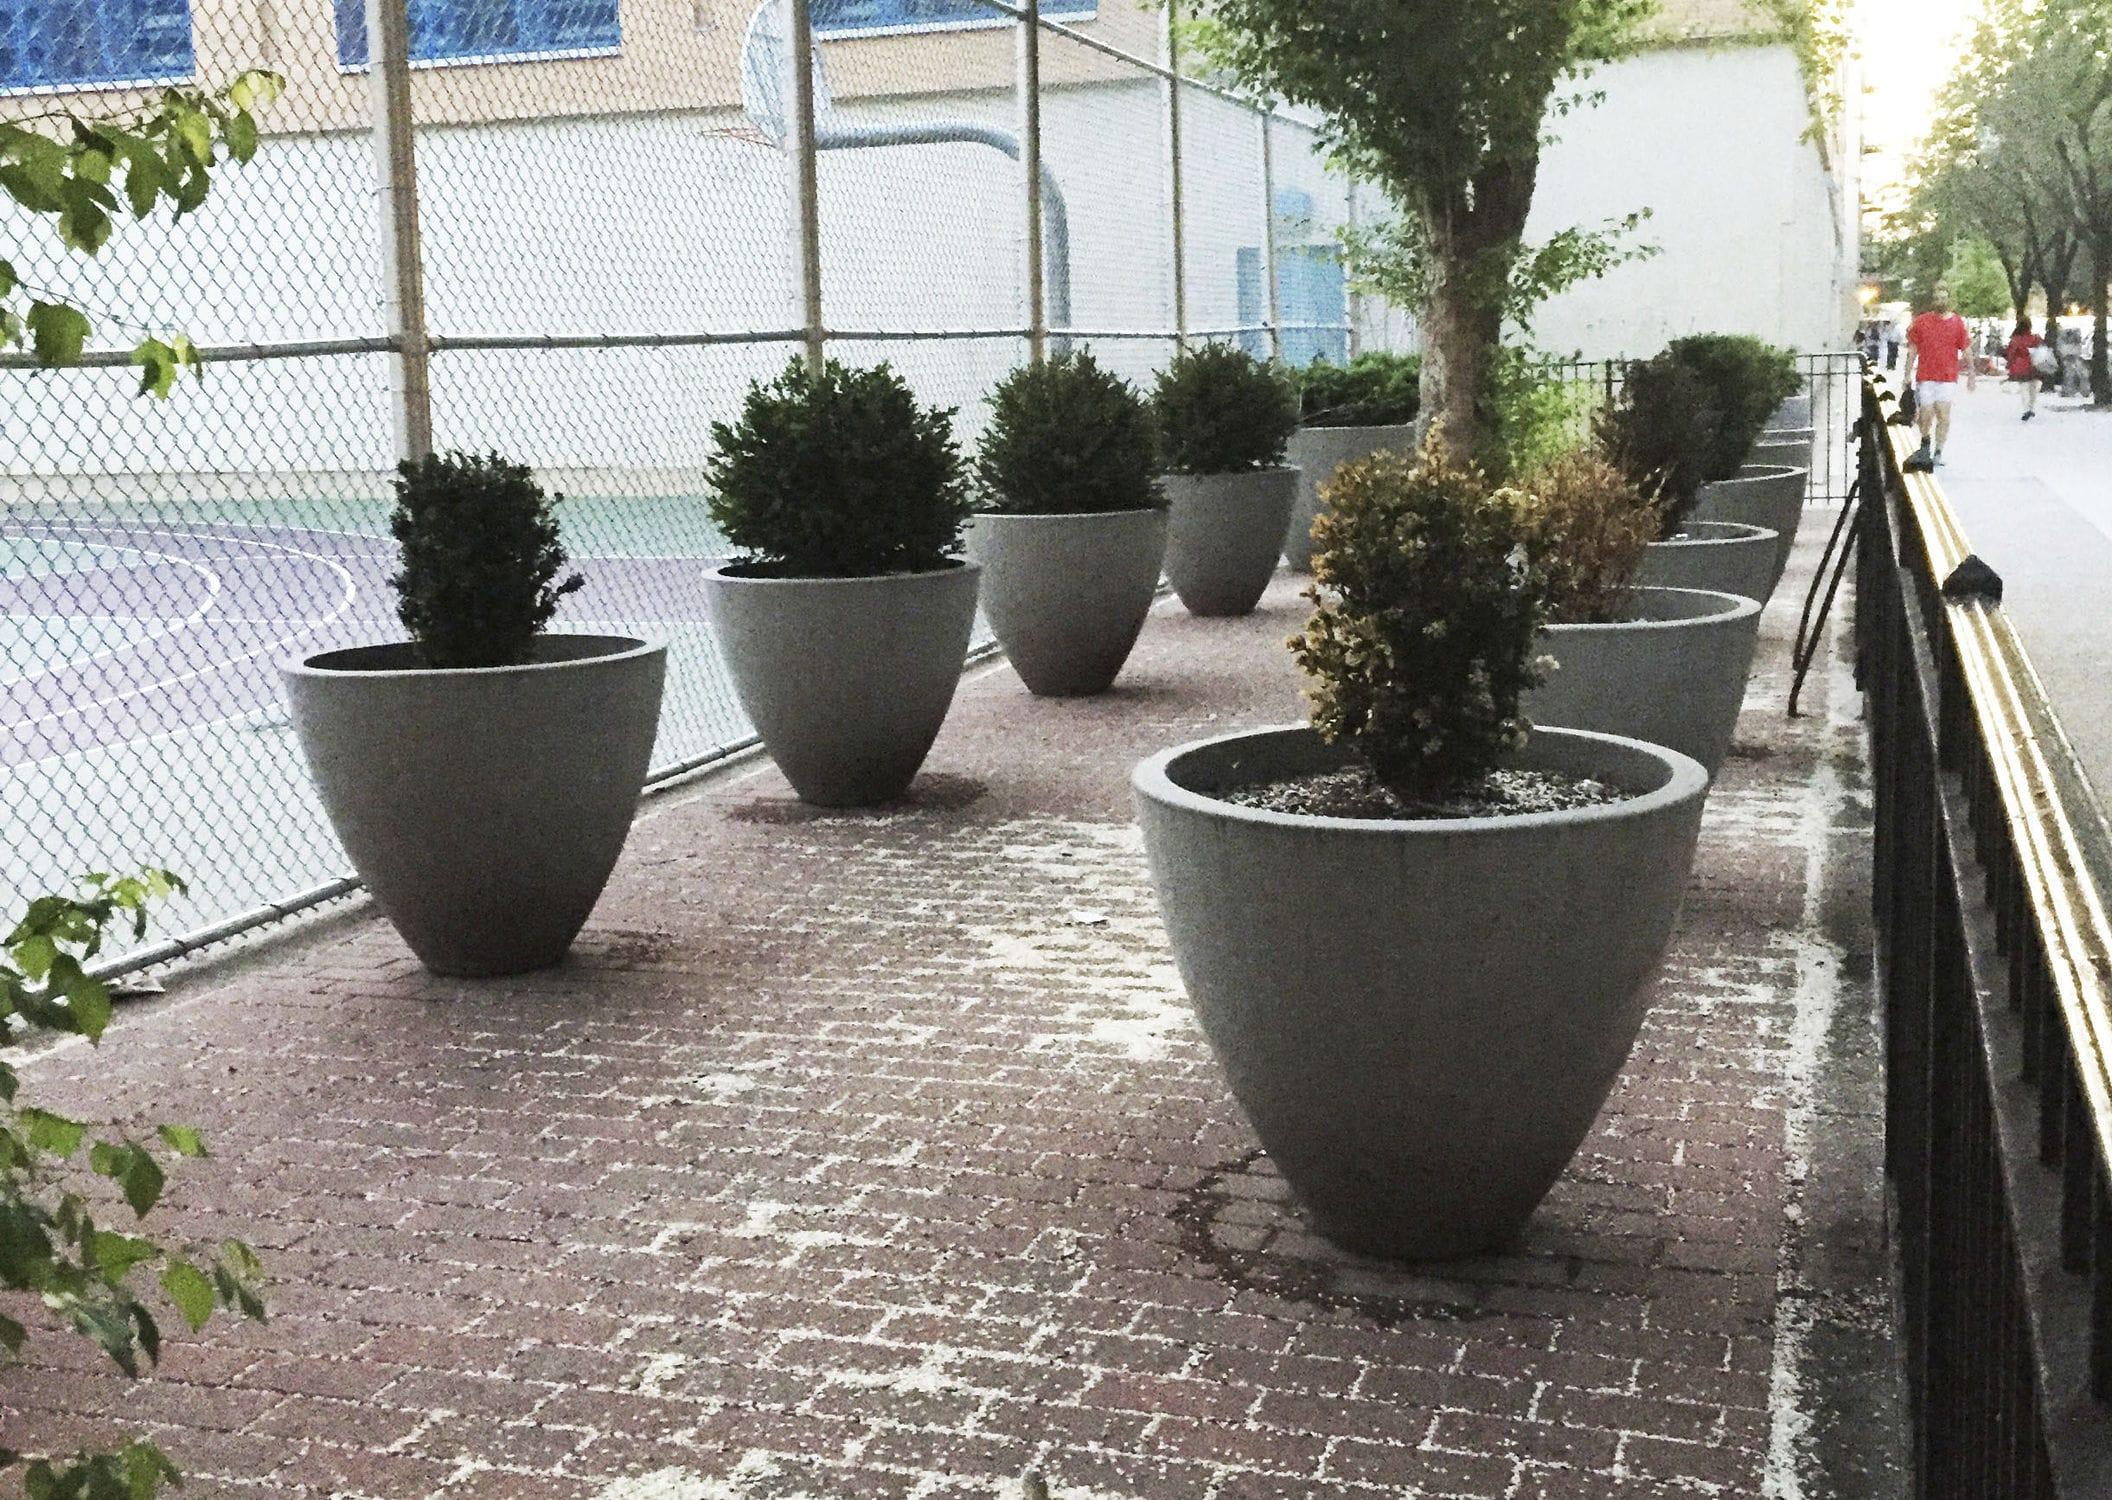 pflanzkübel aus glasfaserverstärktem beton / rund / modern / für